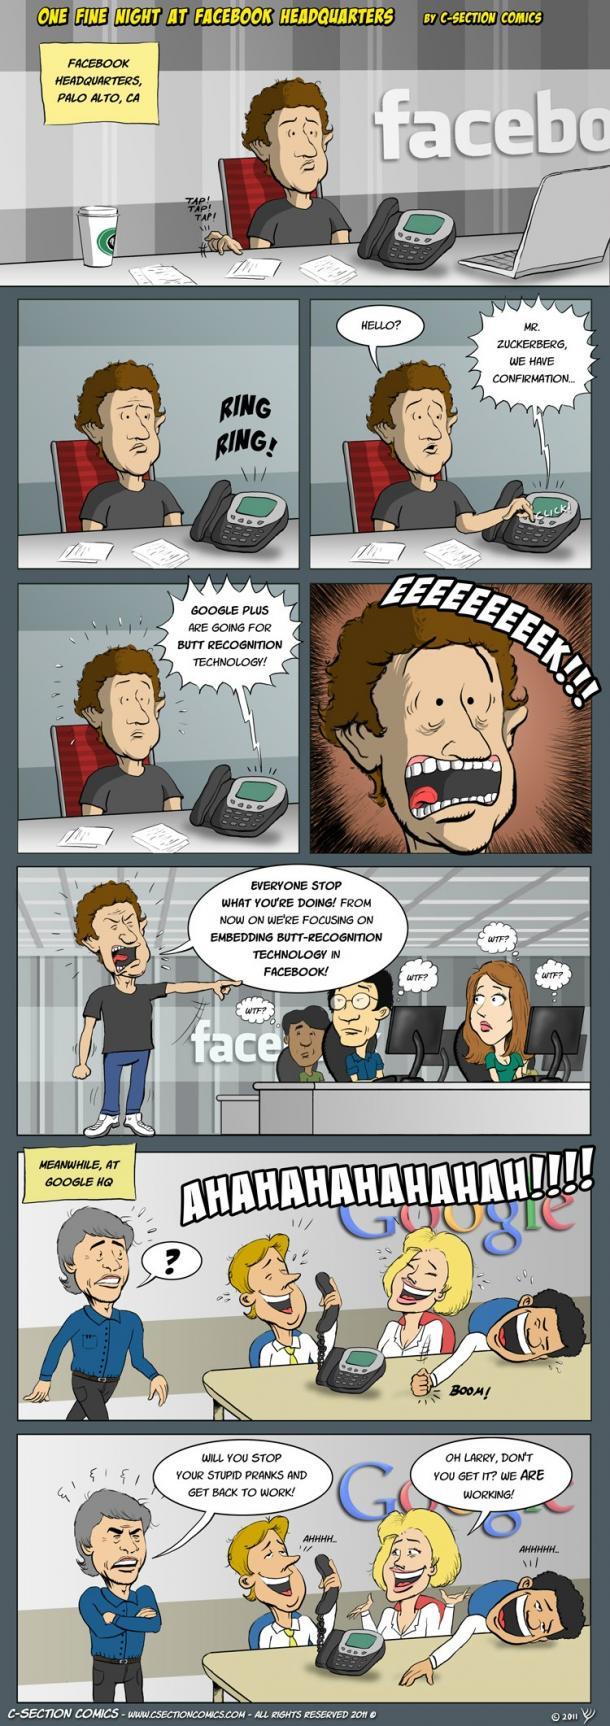 Une nuit au QG de Facebook